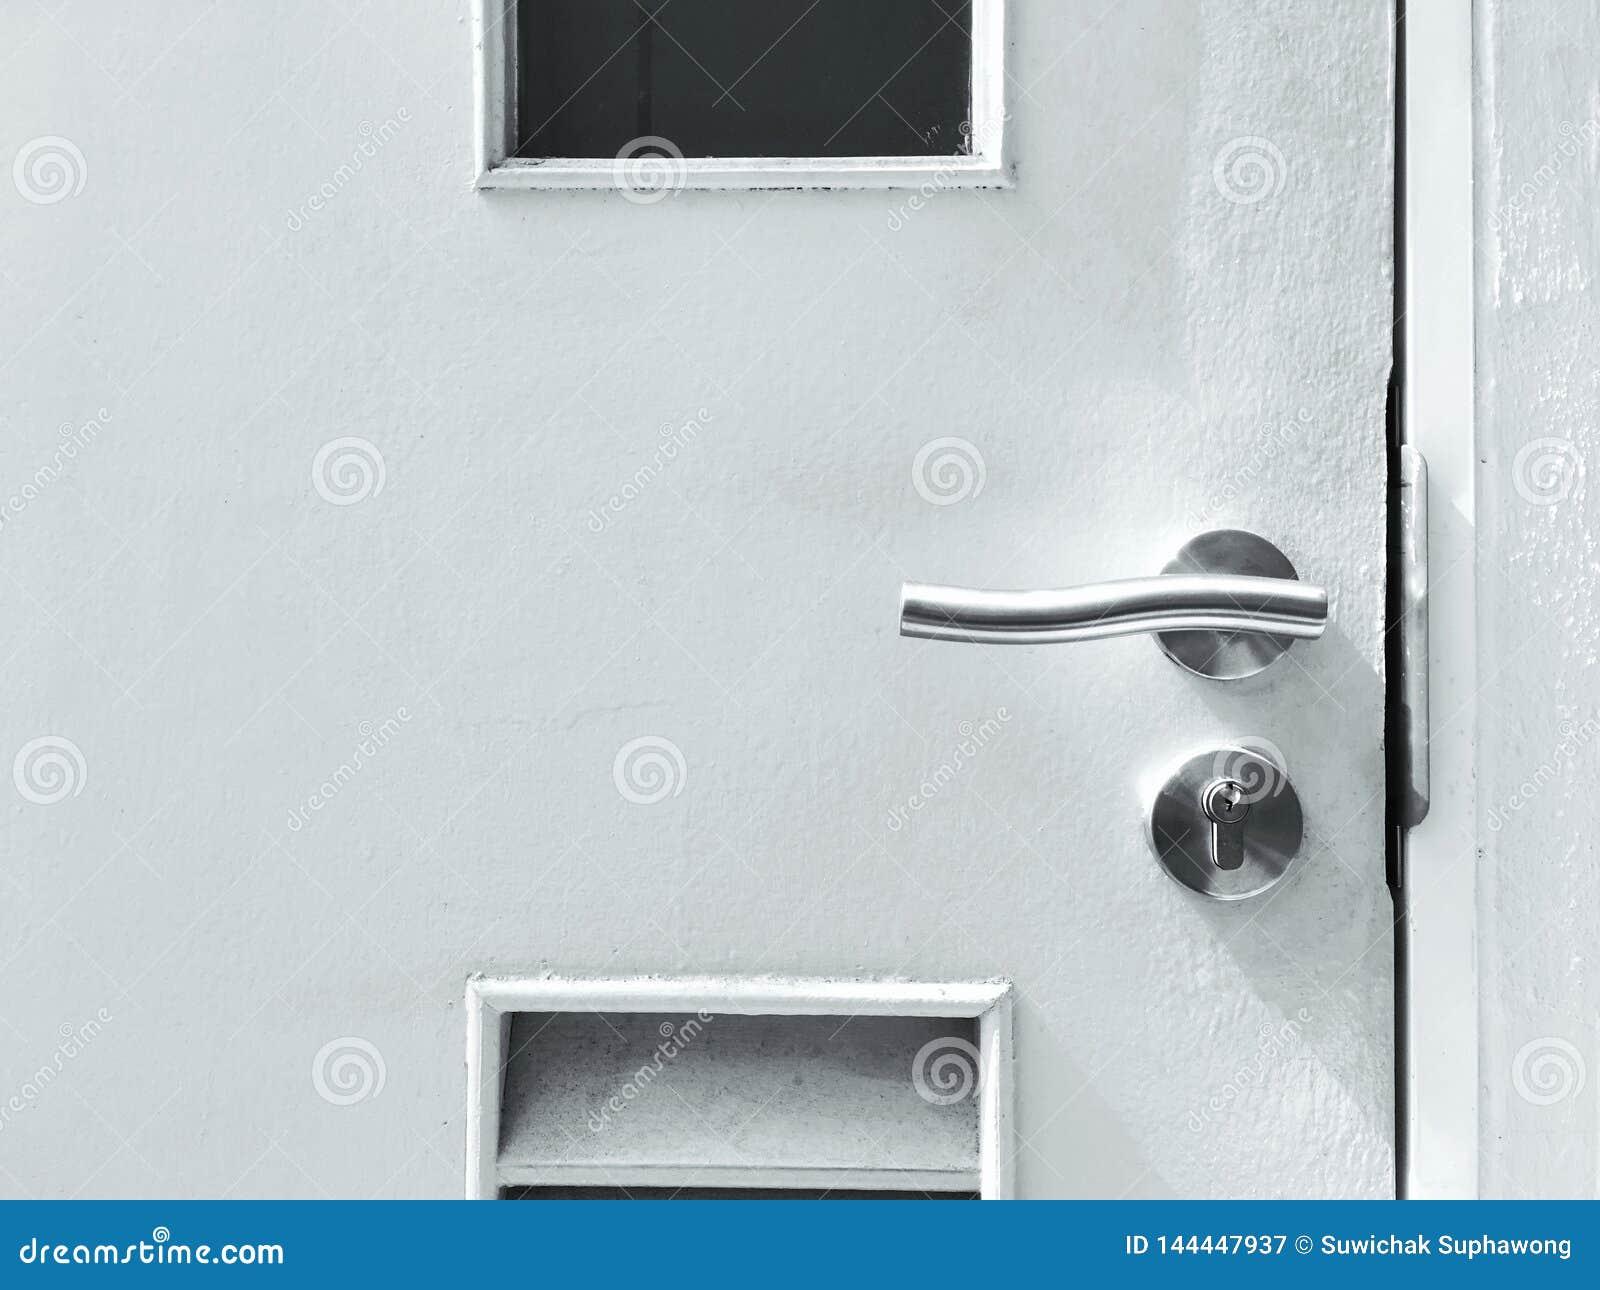 Close up of the door.